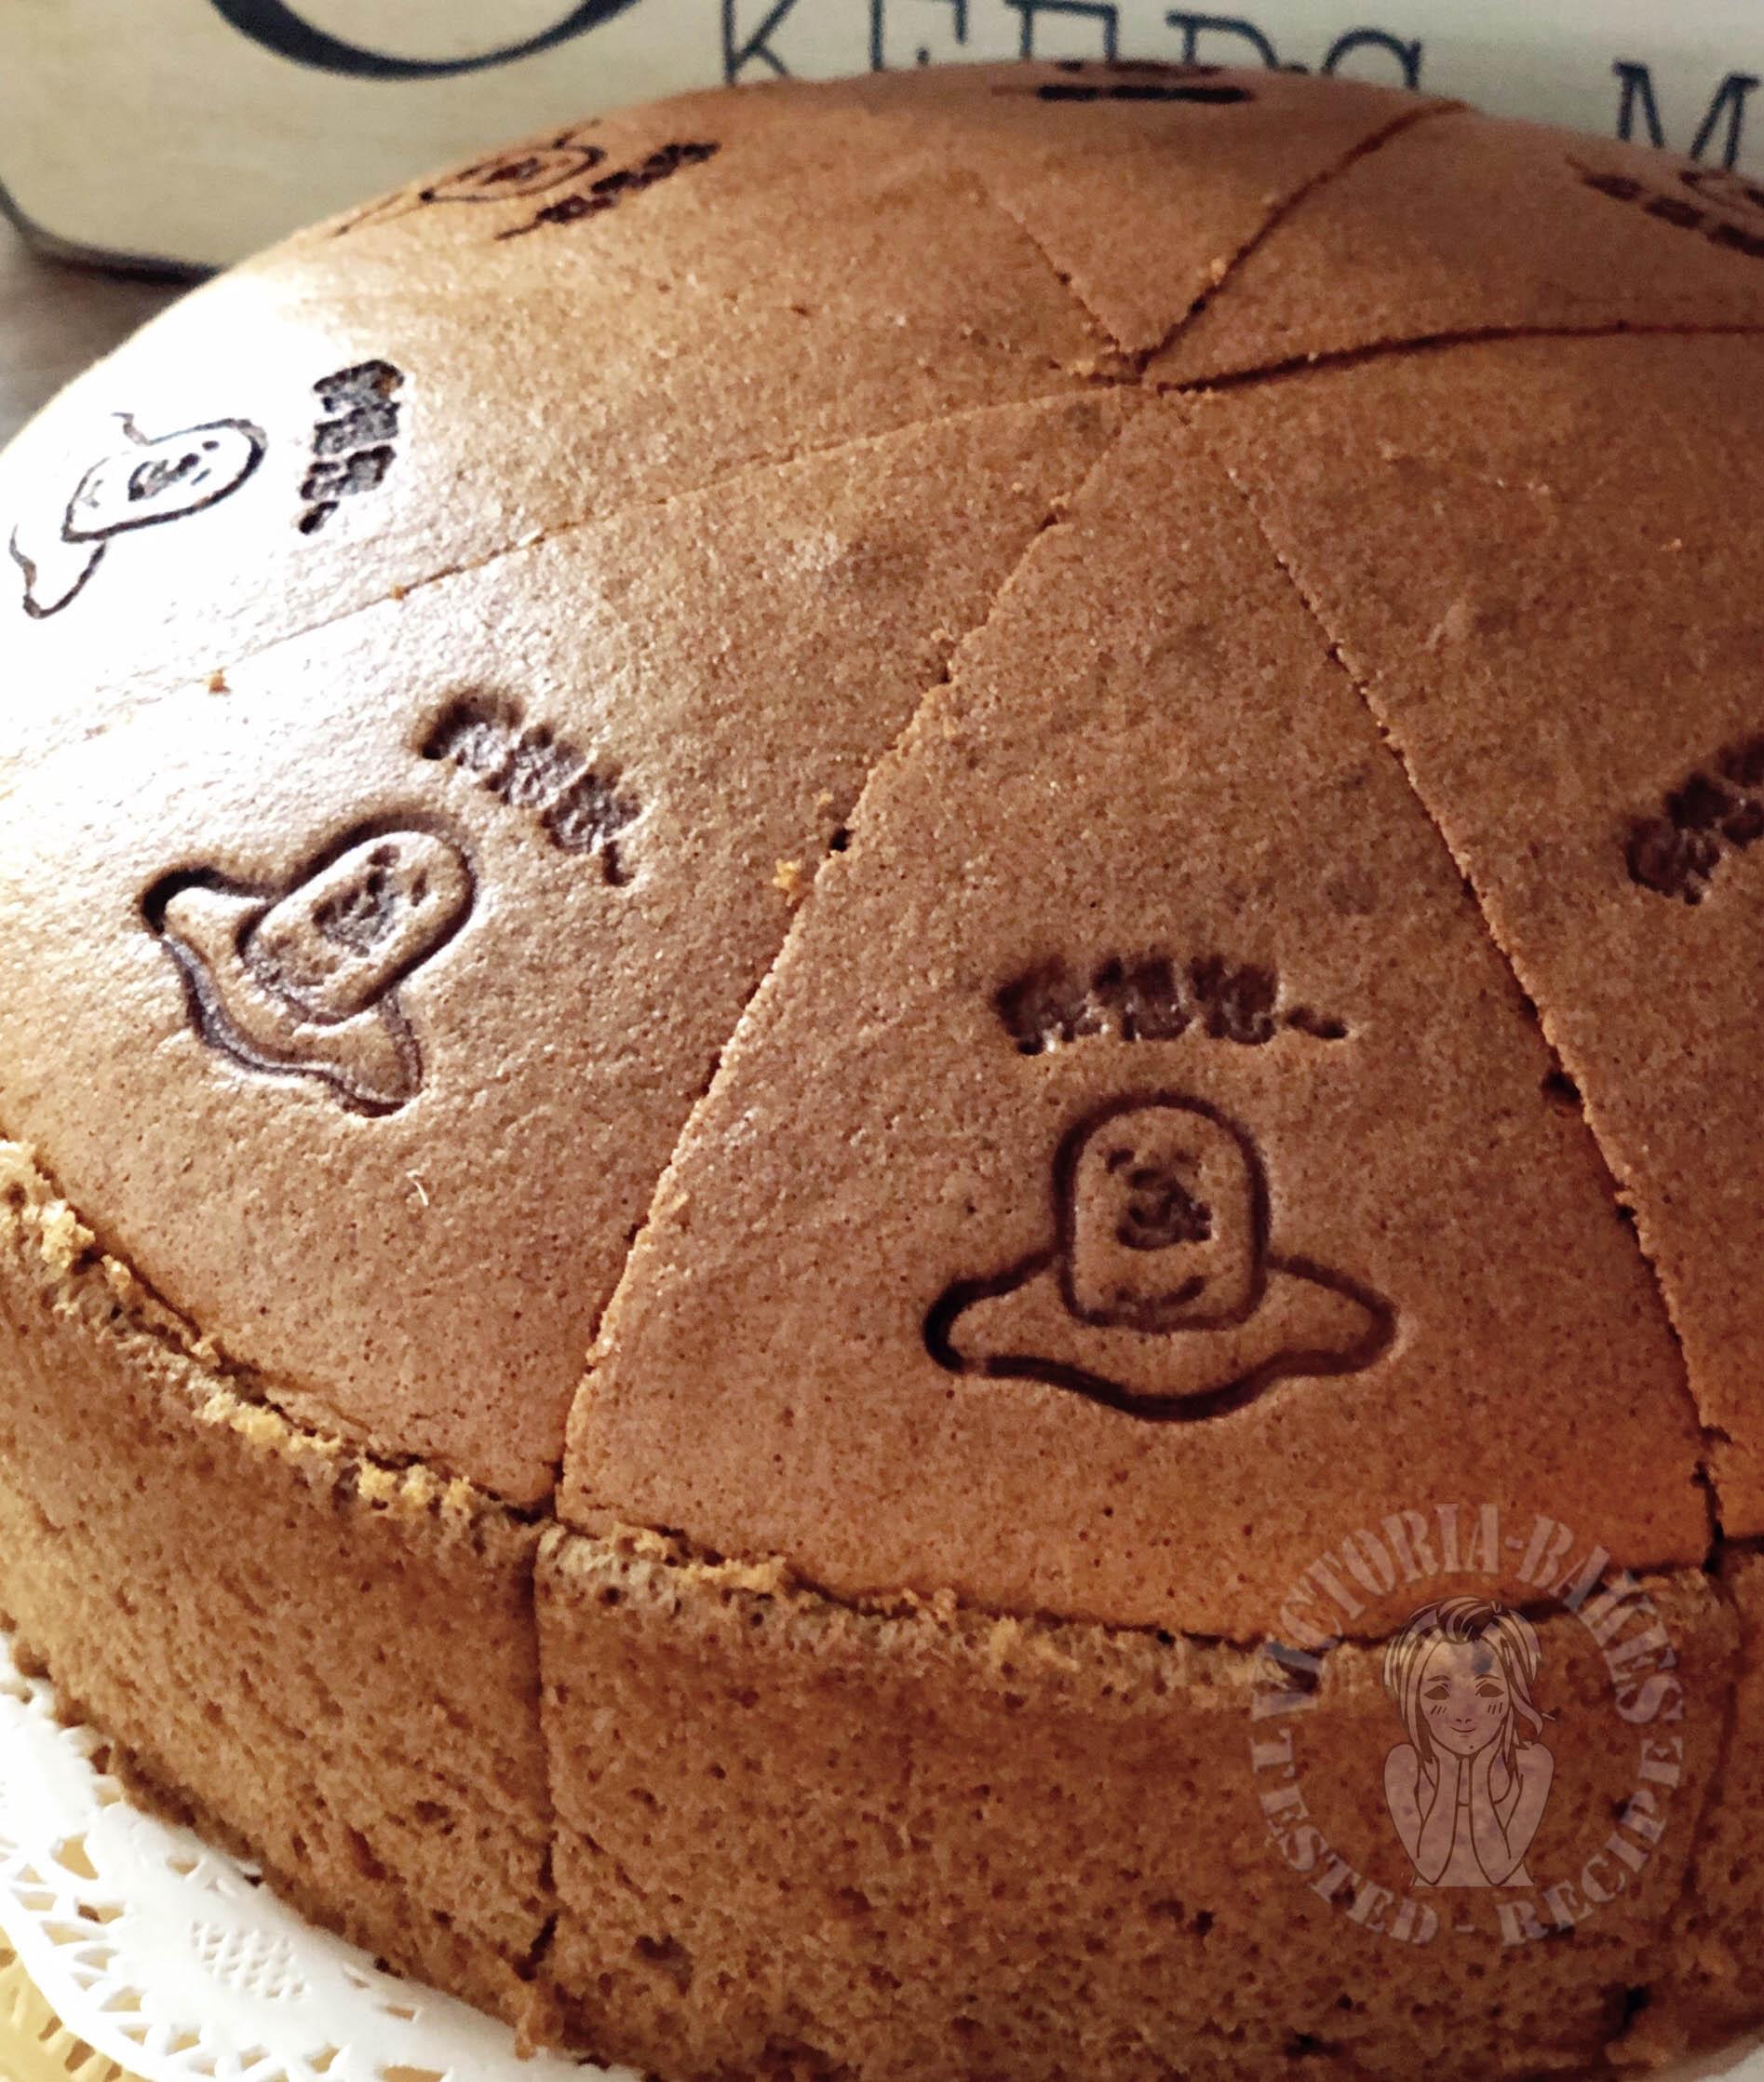 gula melaka coffee cotton cake ~ highly recommended 马六甲椰糖咖啡棉花蛋糕 ~ 强推